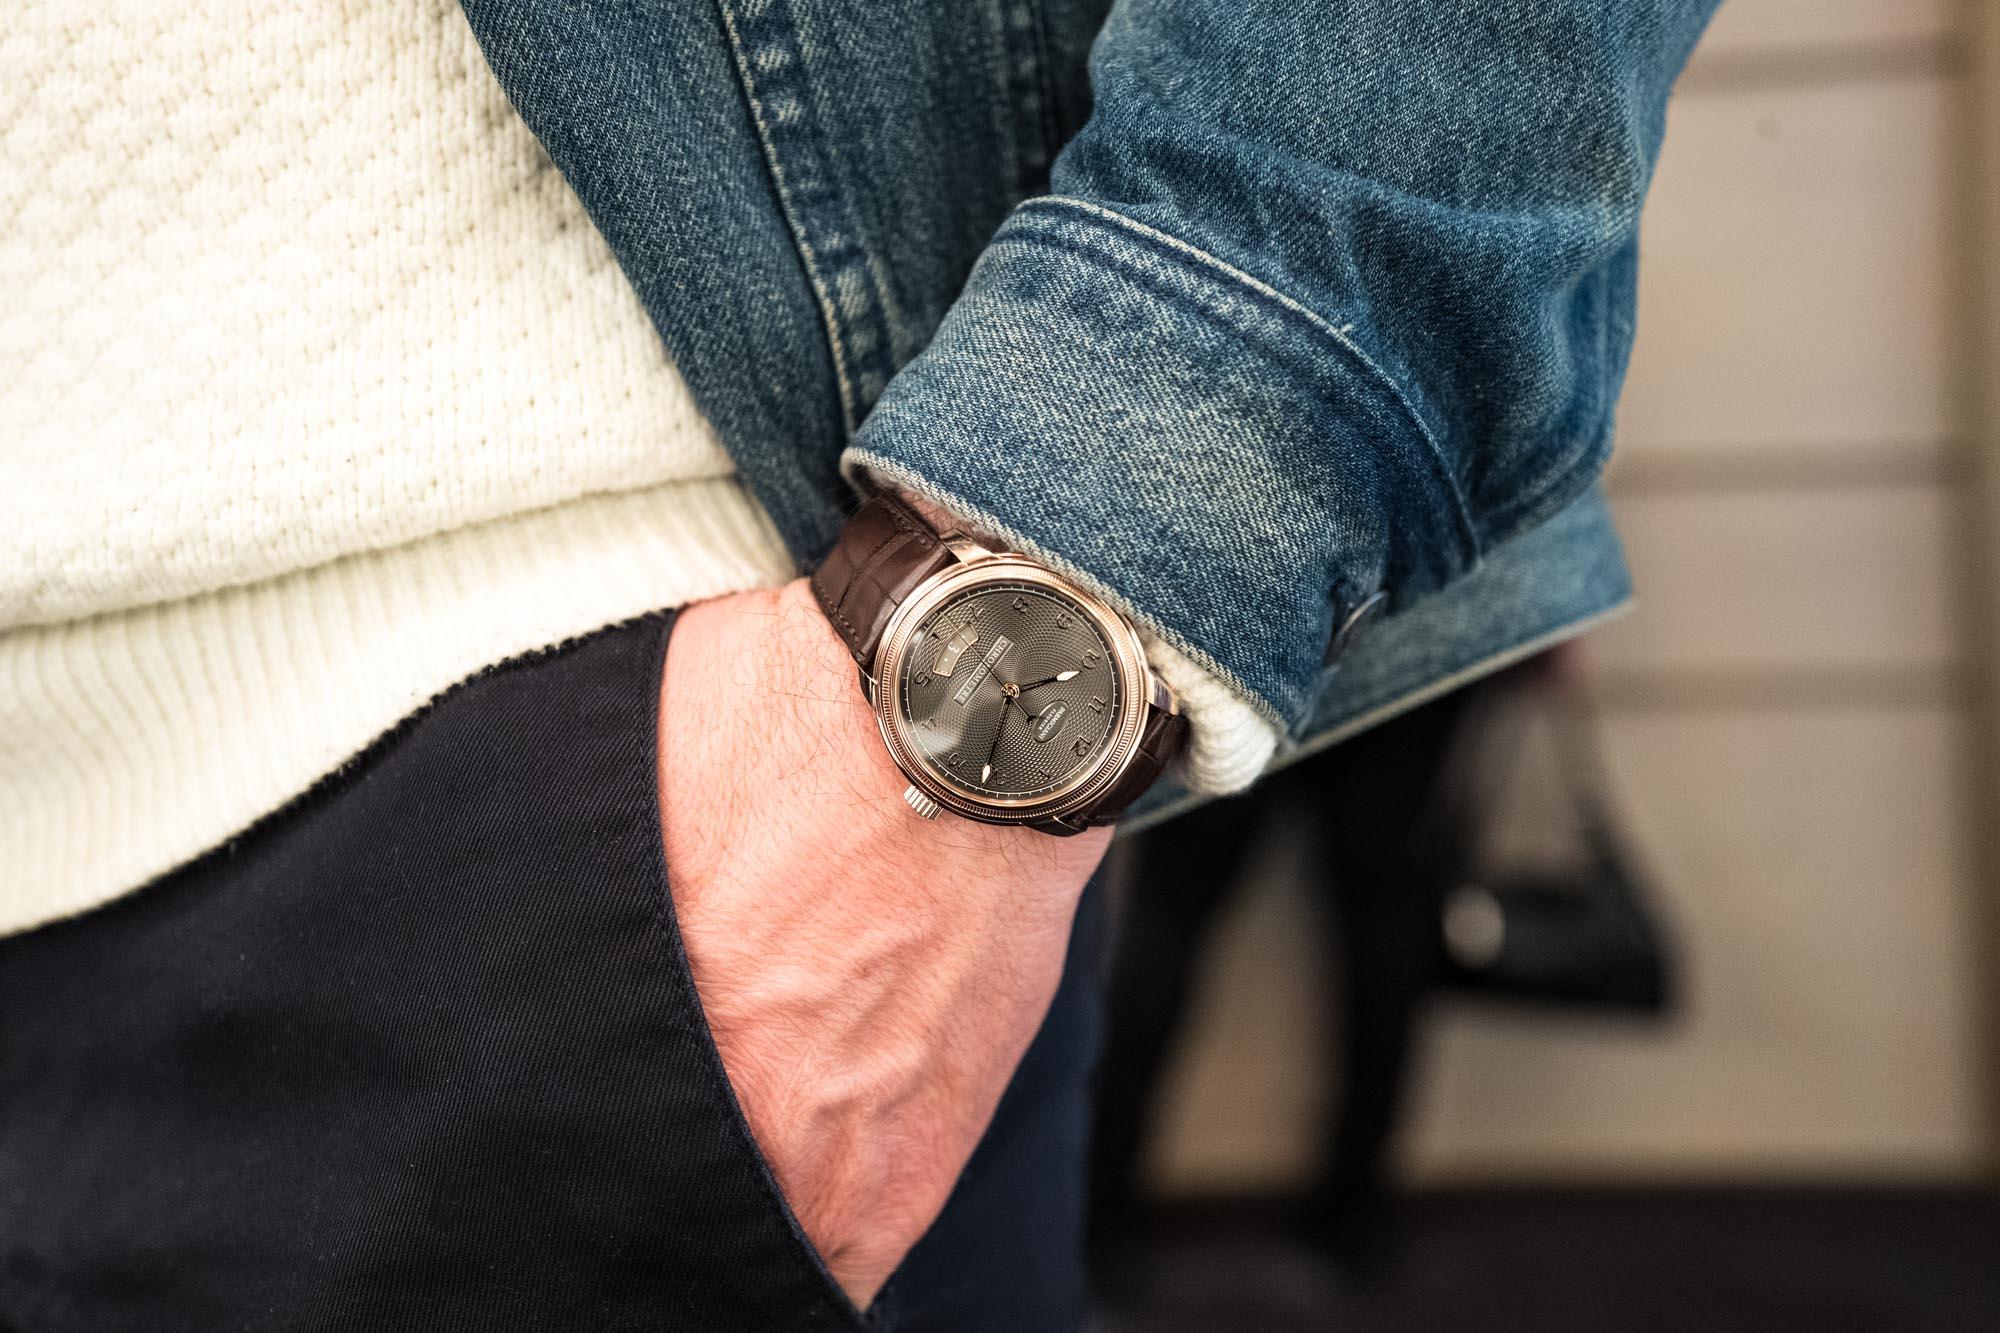 SIHH 2019 - Parmigiani Fleurier Toric Chronometre